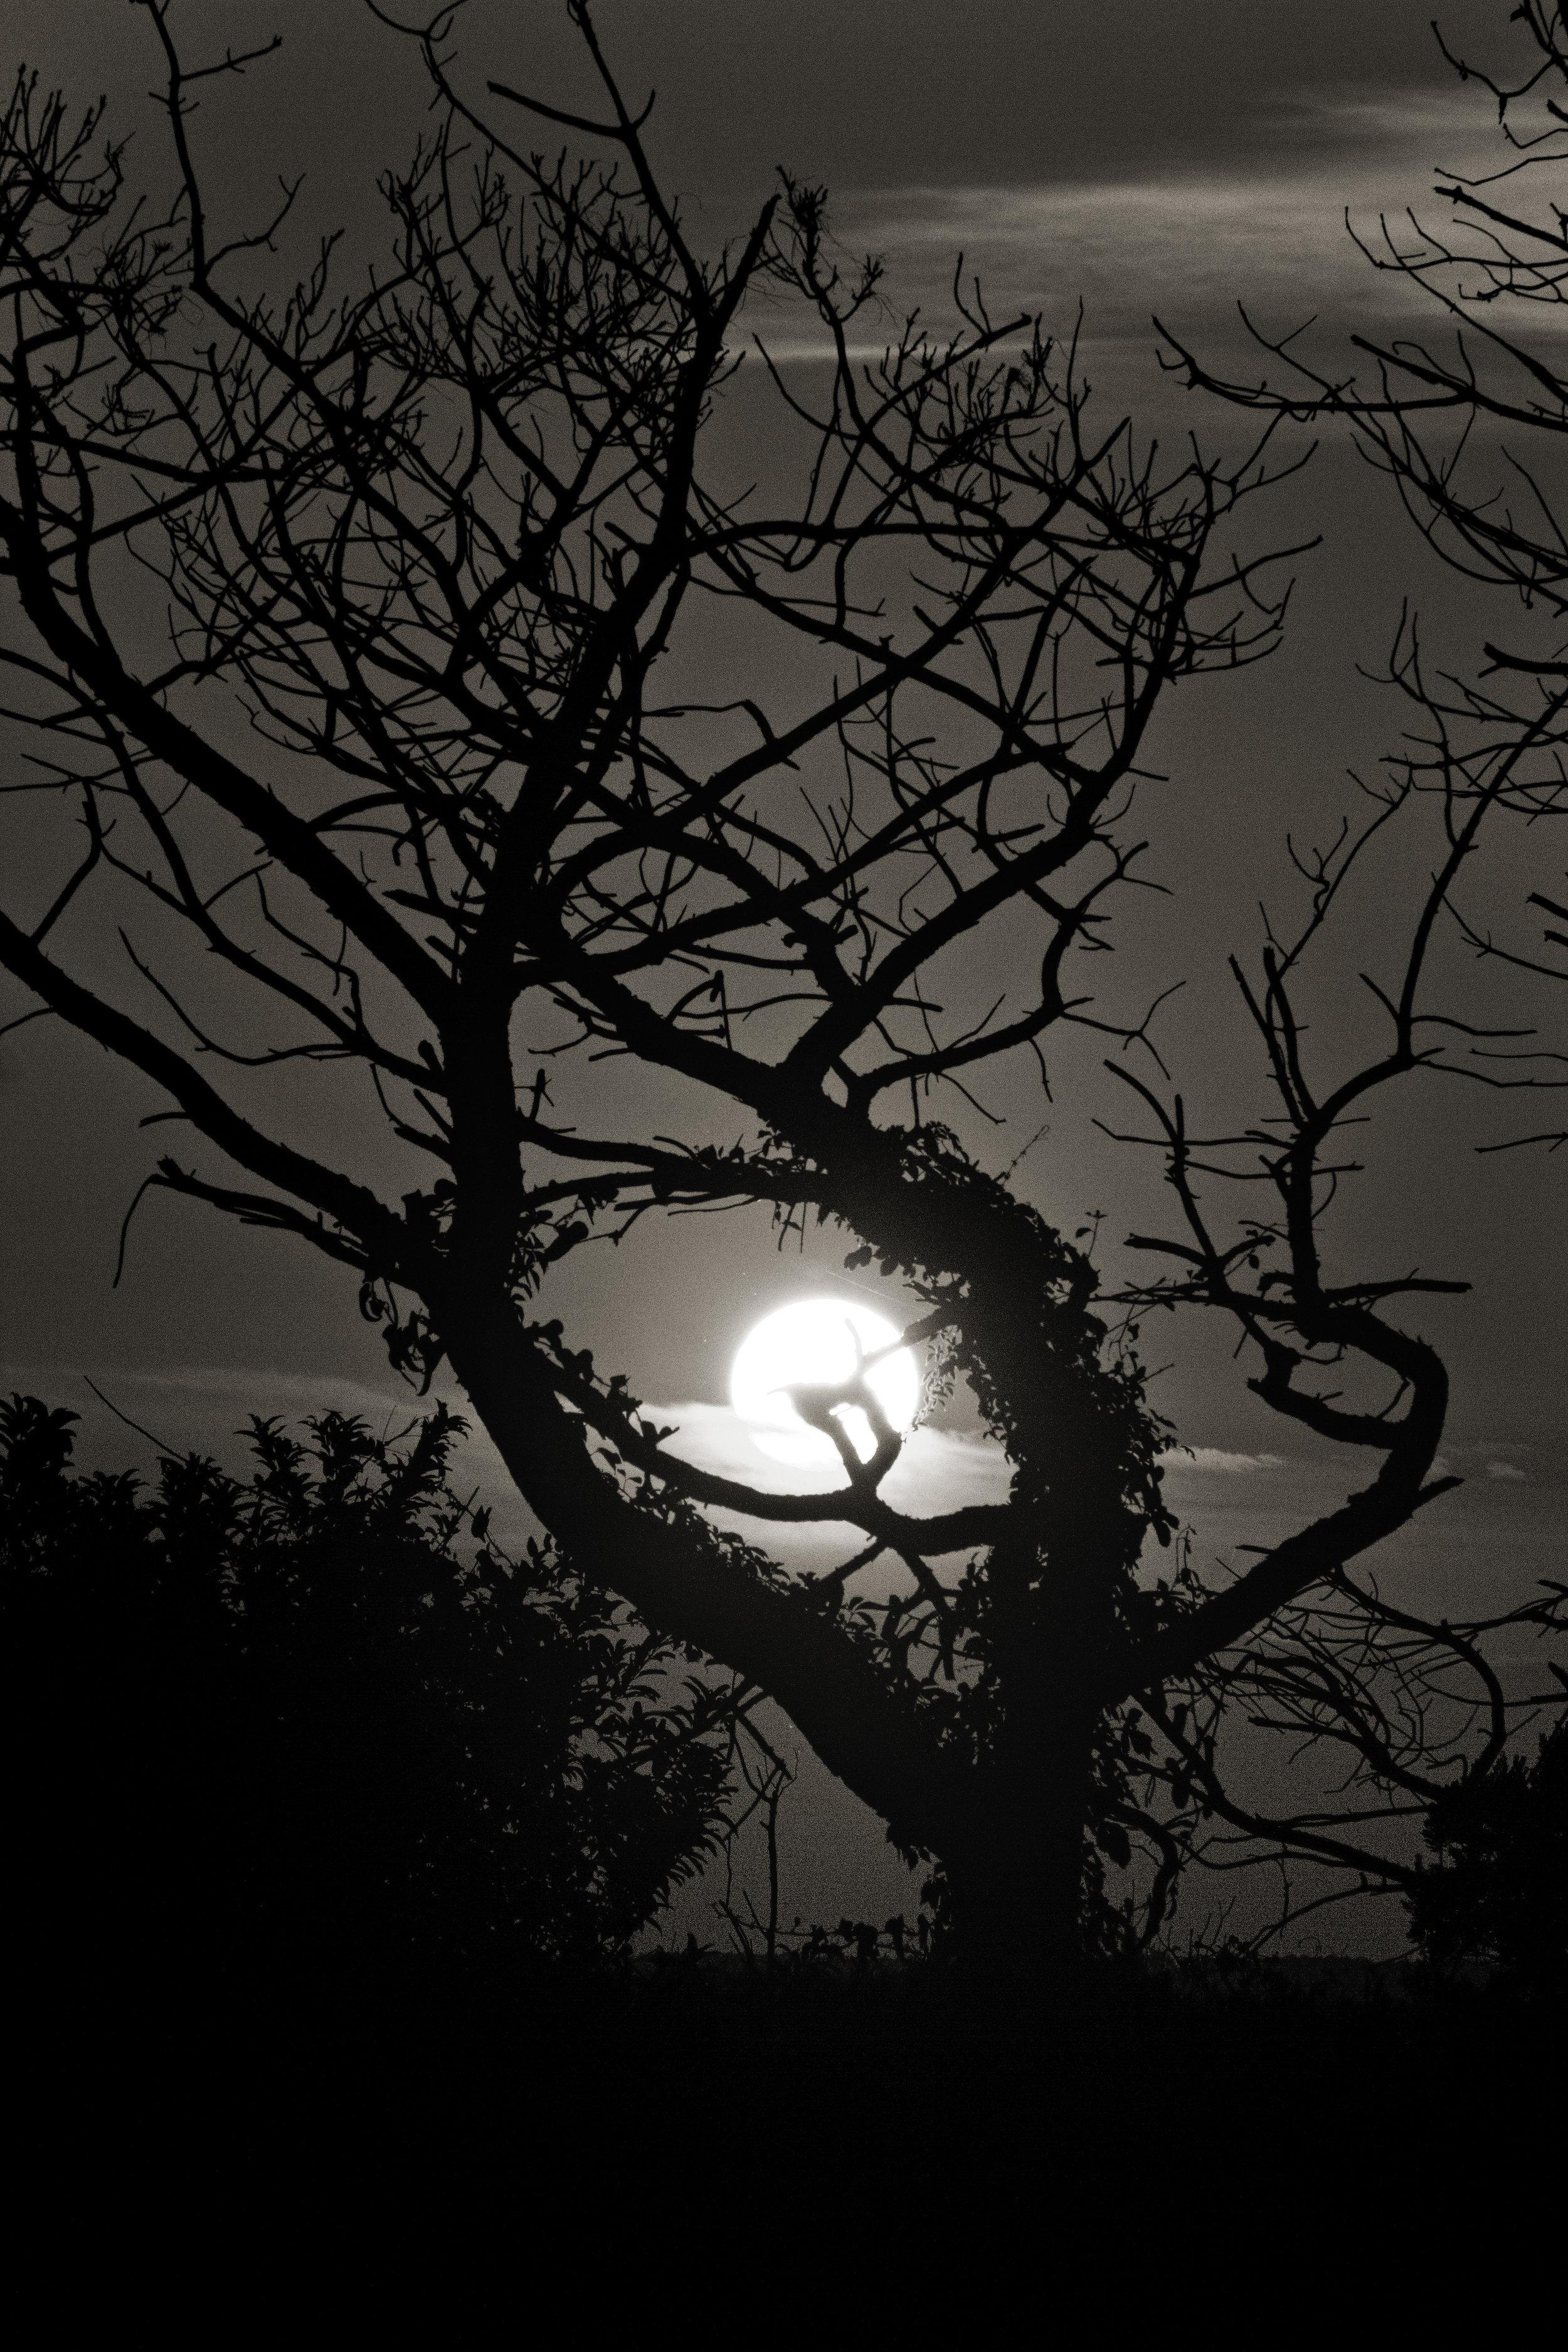 sunset pea island trees.JPG